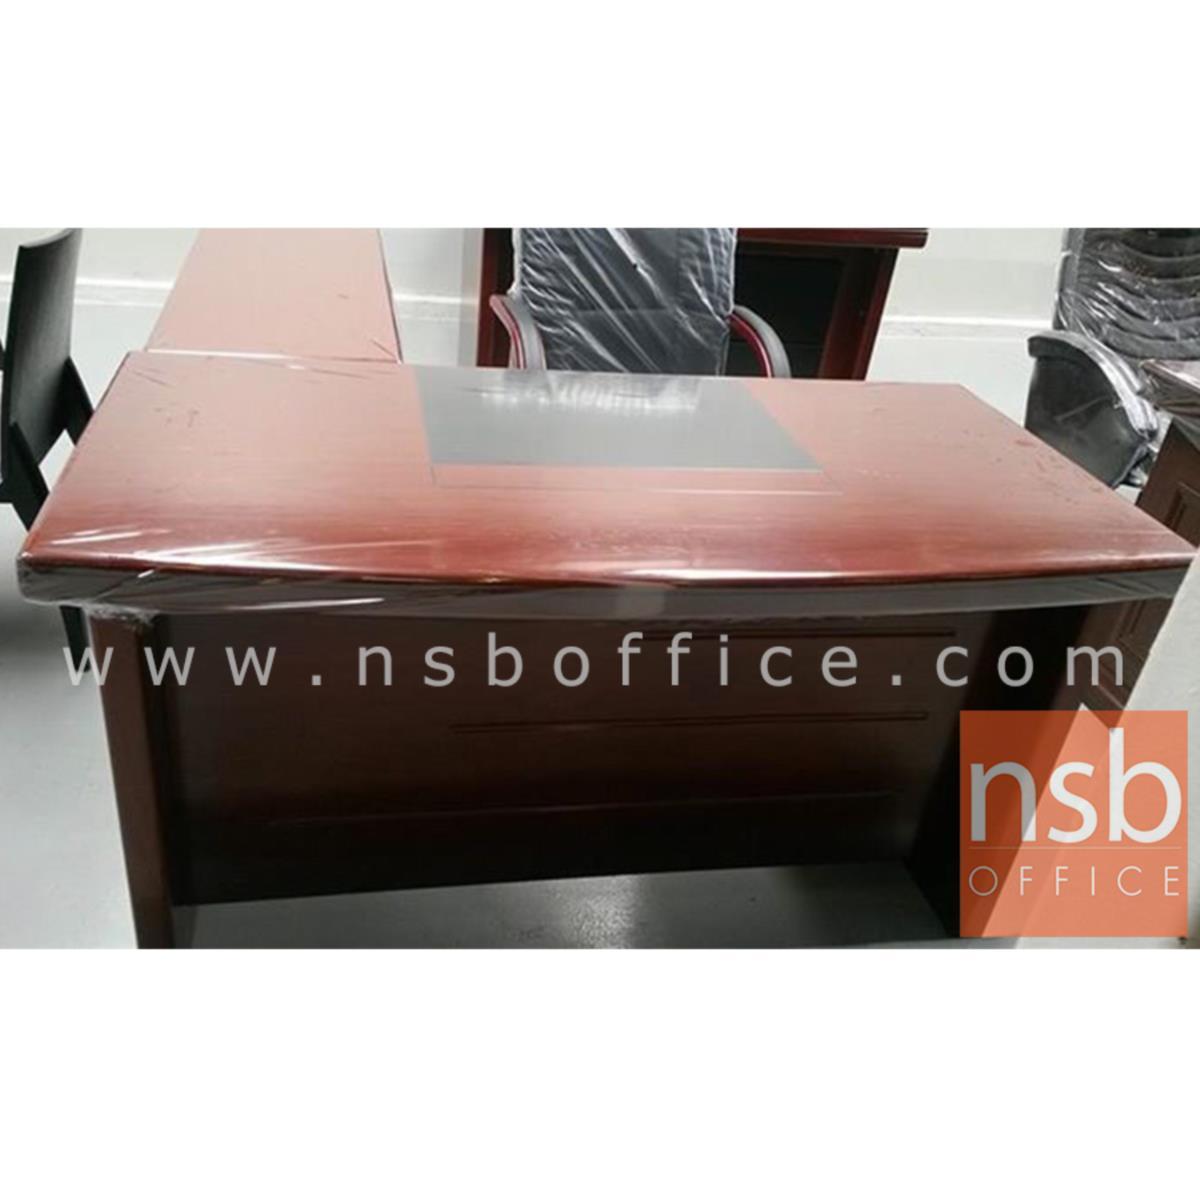 โต๊ะผู้บริหารตัวแอล 4 ลิ้นชัก  รุ่น Flourish (ฟลอริช) ขนาด 140W cm. พร้อมตู้ข้าง